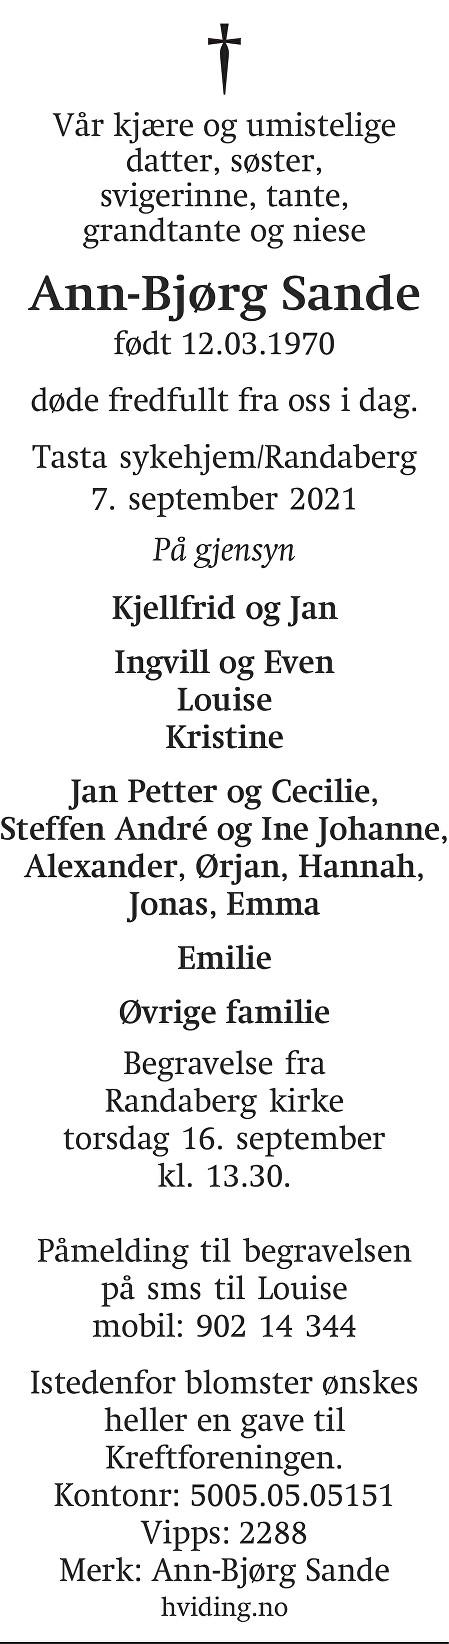 Ann-Bjørg Sande Dødsannonse